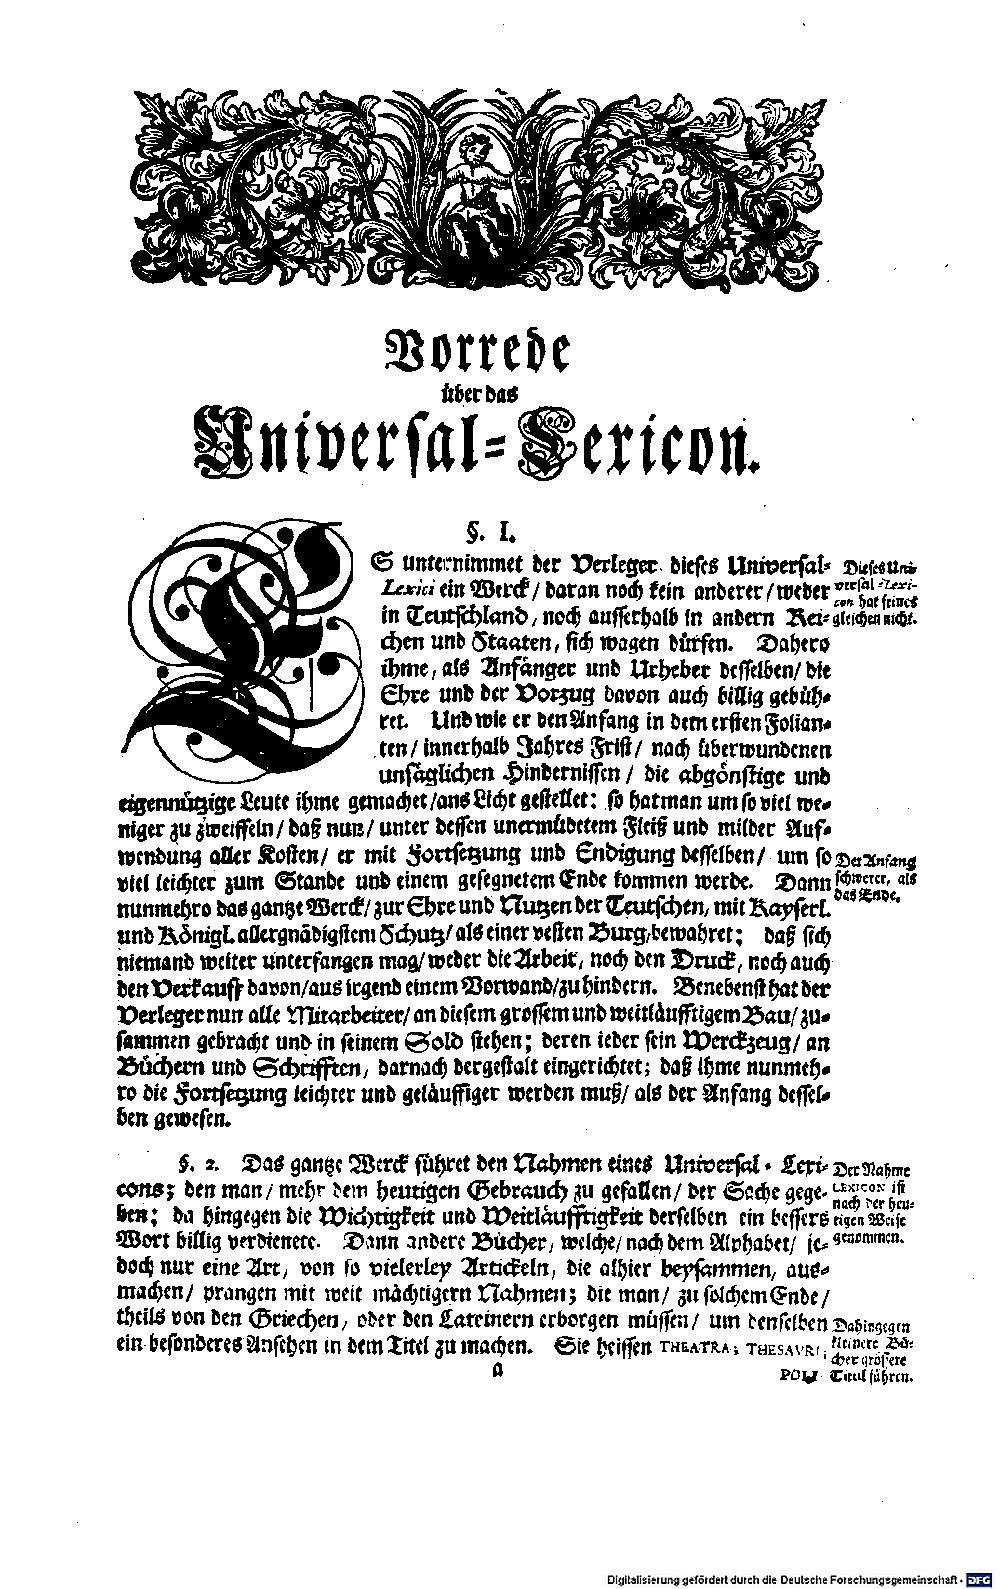 Bd. 1, Seite 0024.